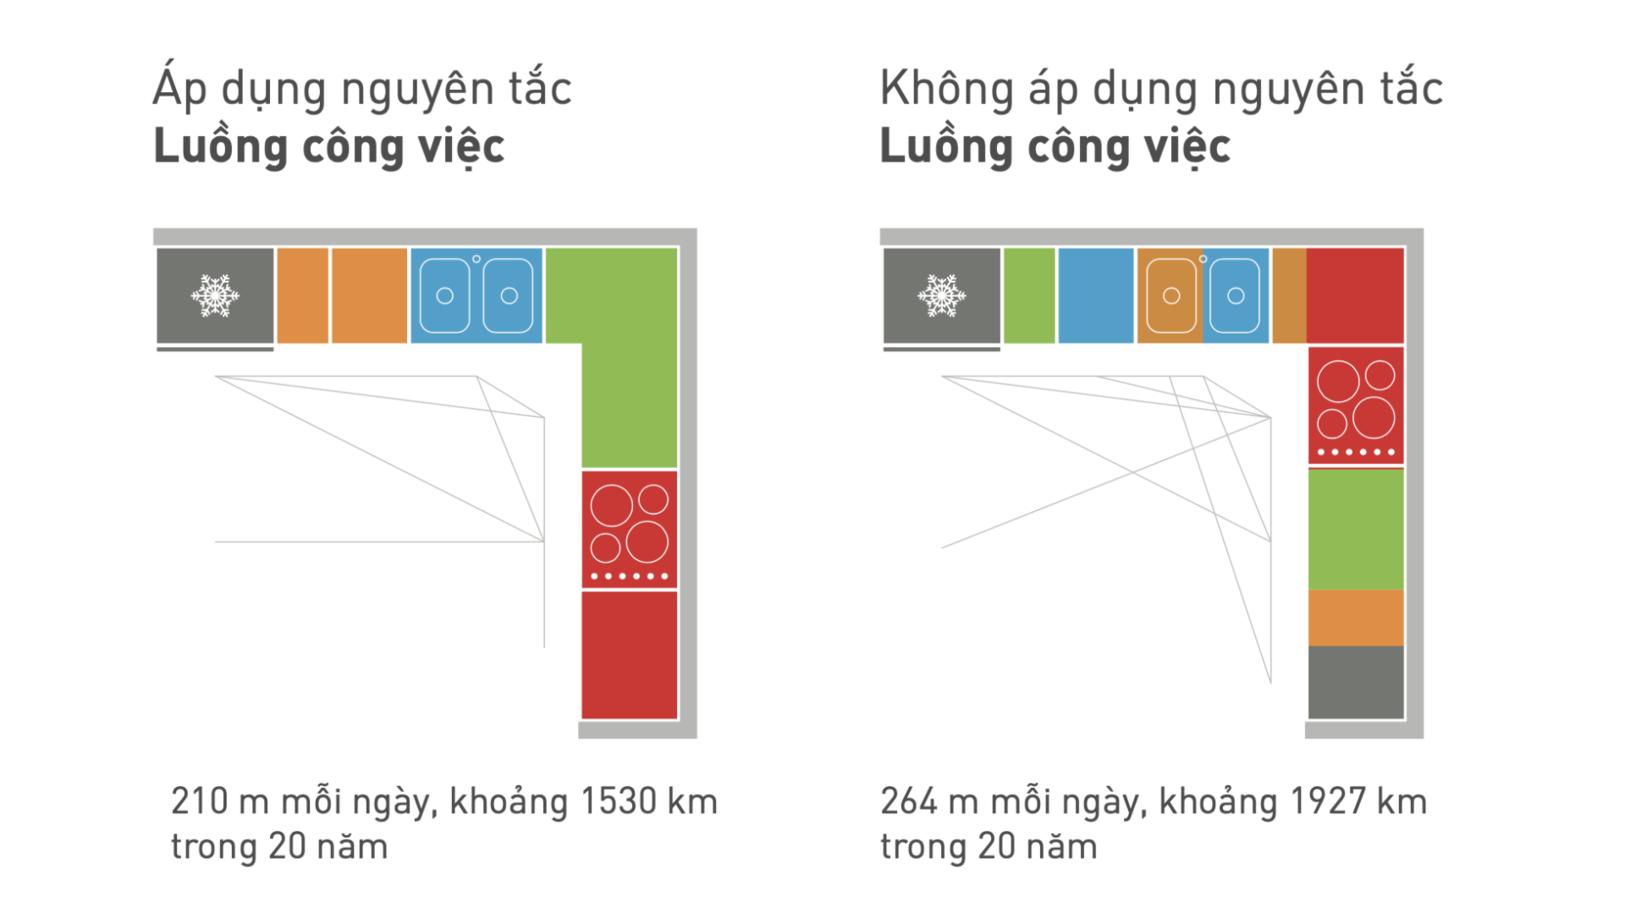 Phòng bếp thiết kế theo nguyên tắc luồng công việc giúp rút ngắn quãng đường di chuyển tới 397km